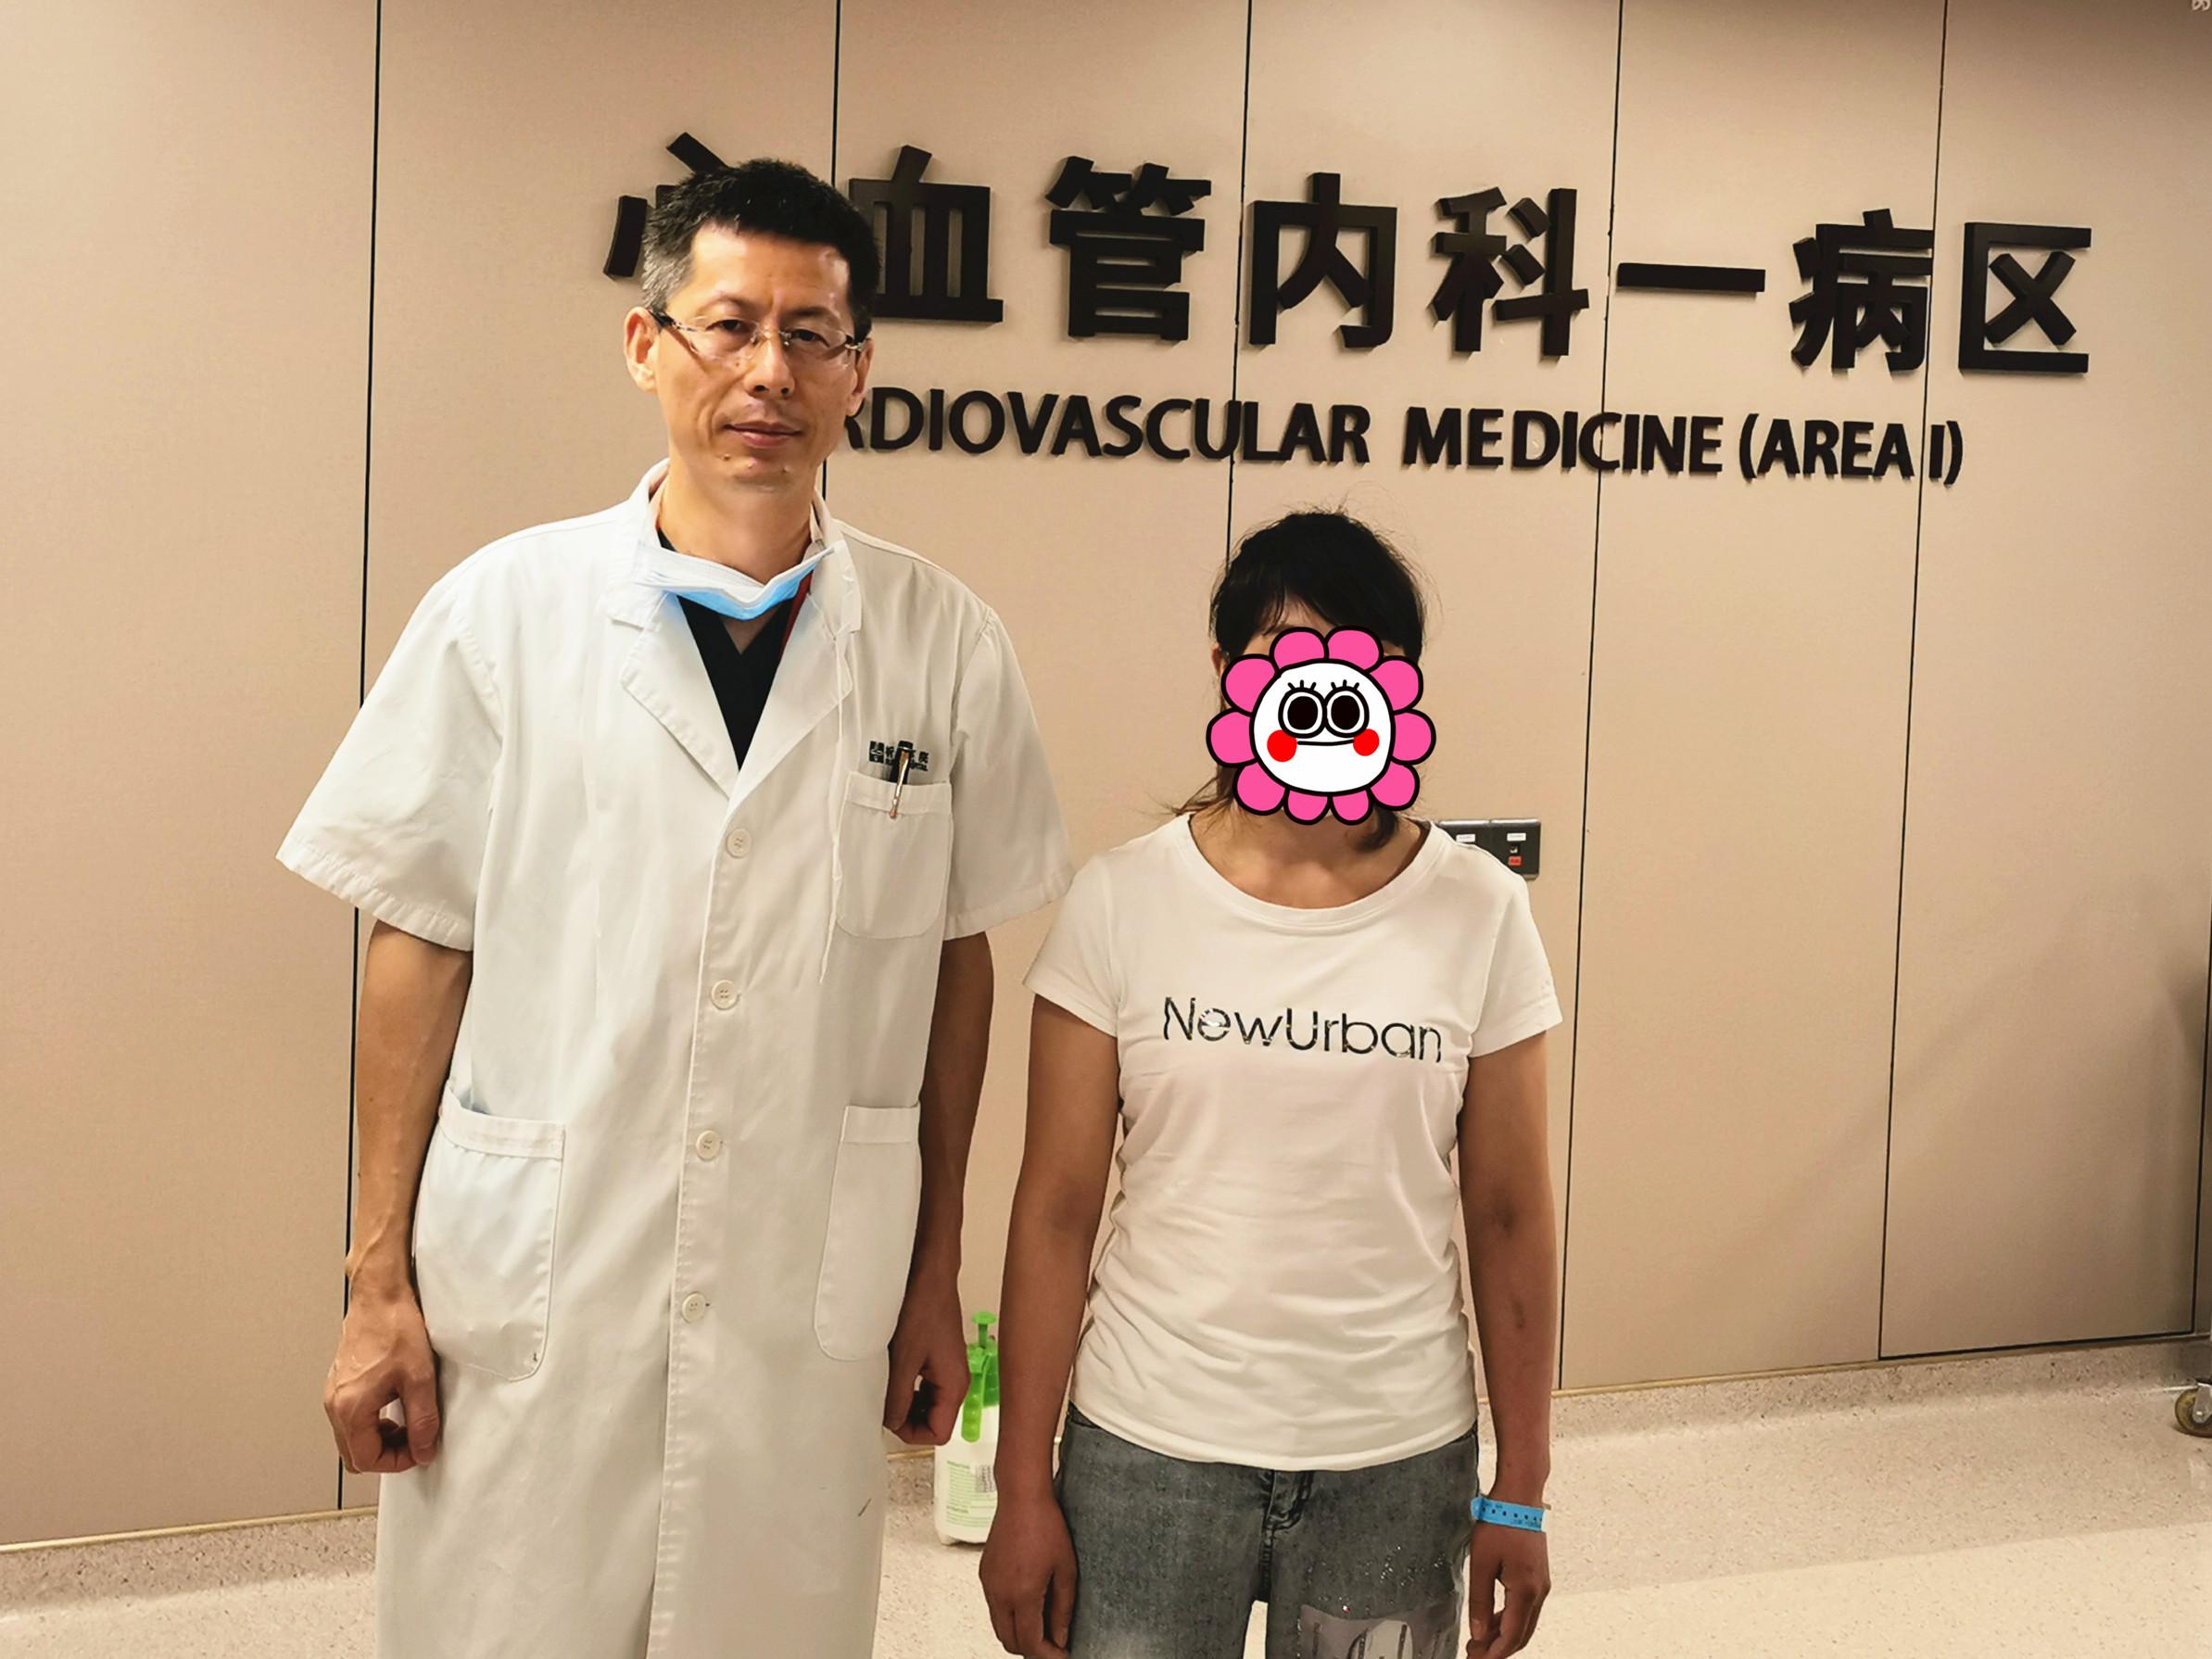 表姐妹心脏先天「破洞」,祈福医院心内科高难度微创「补心」,免开胸之苦